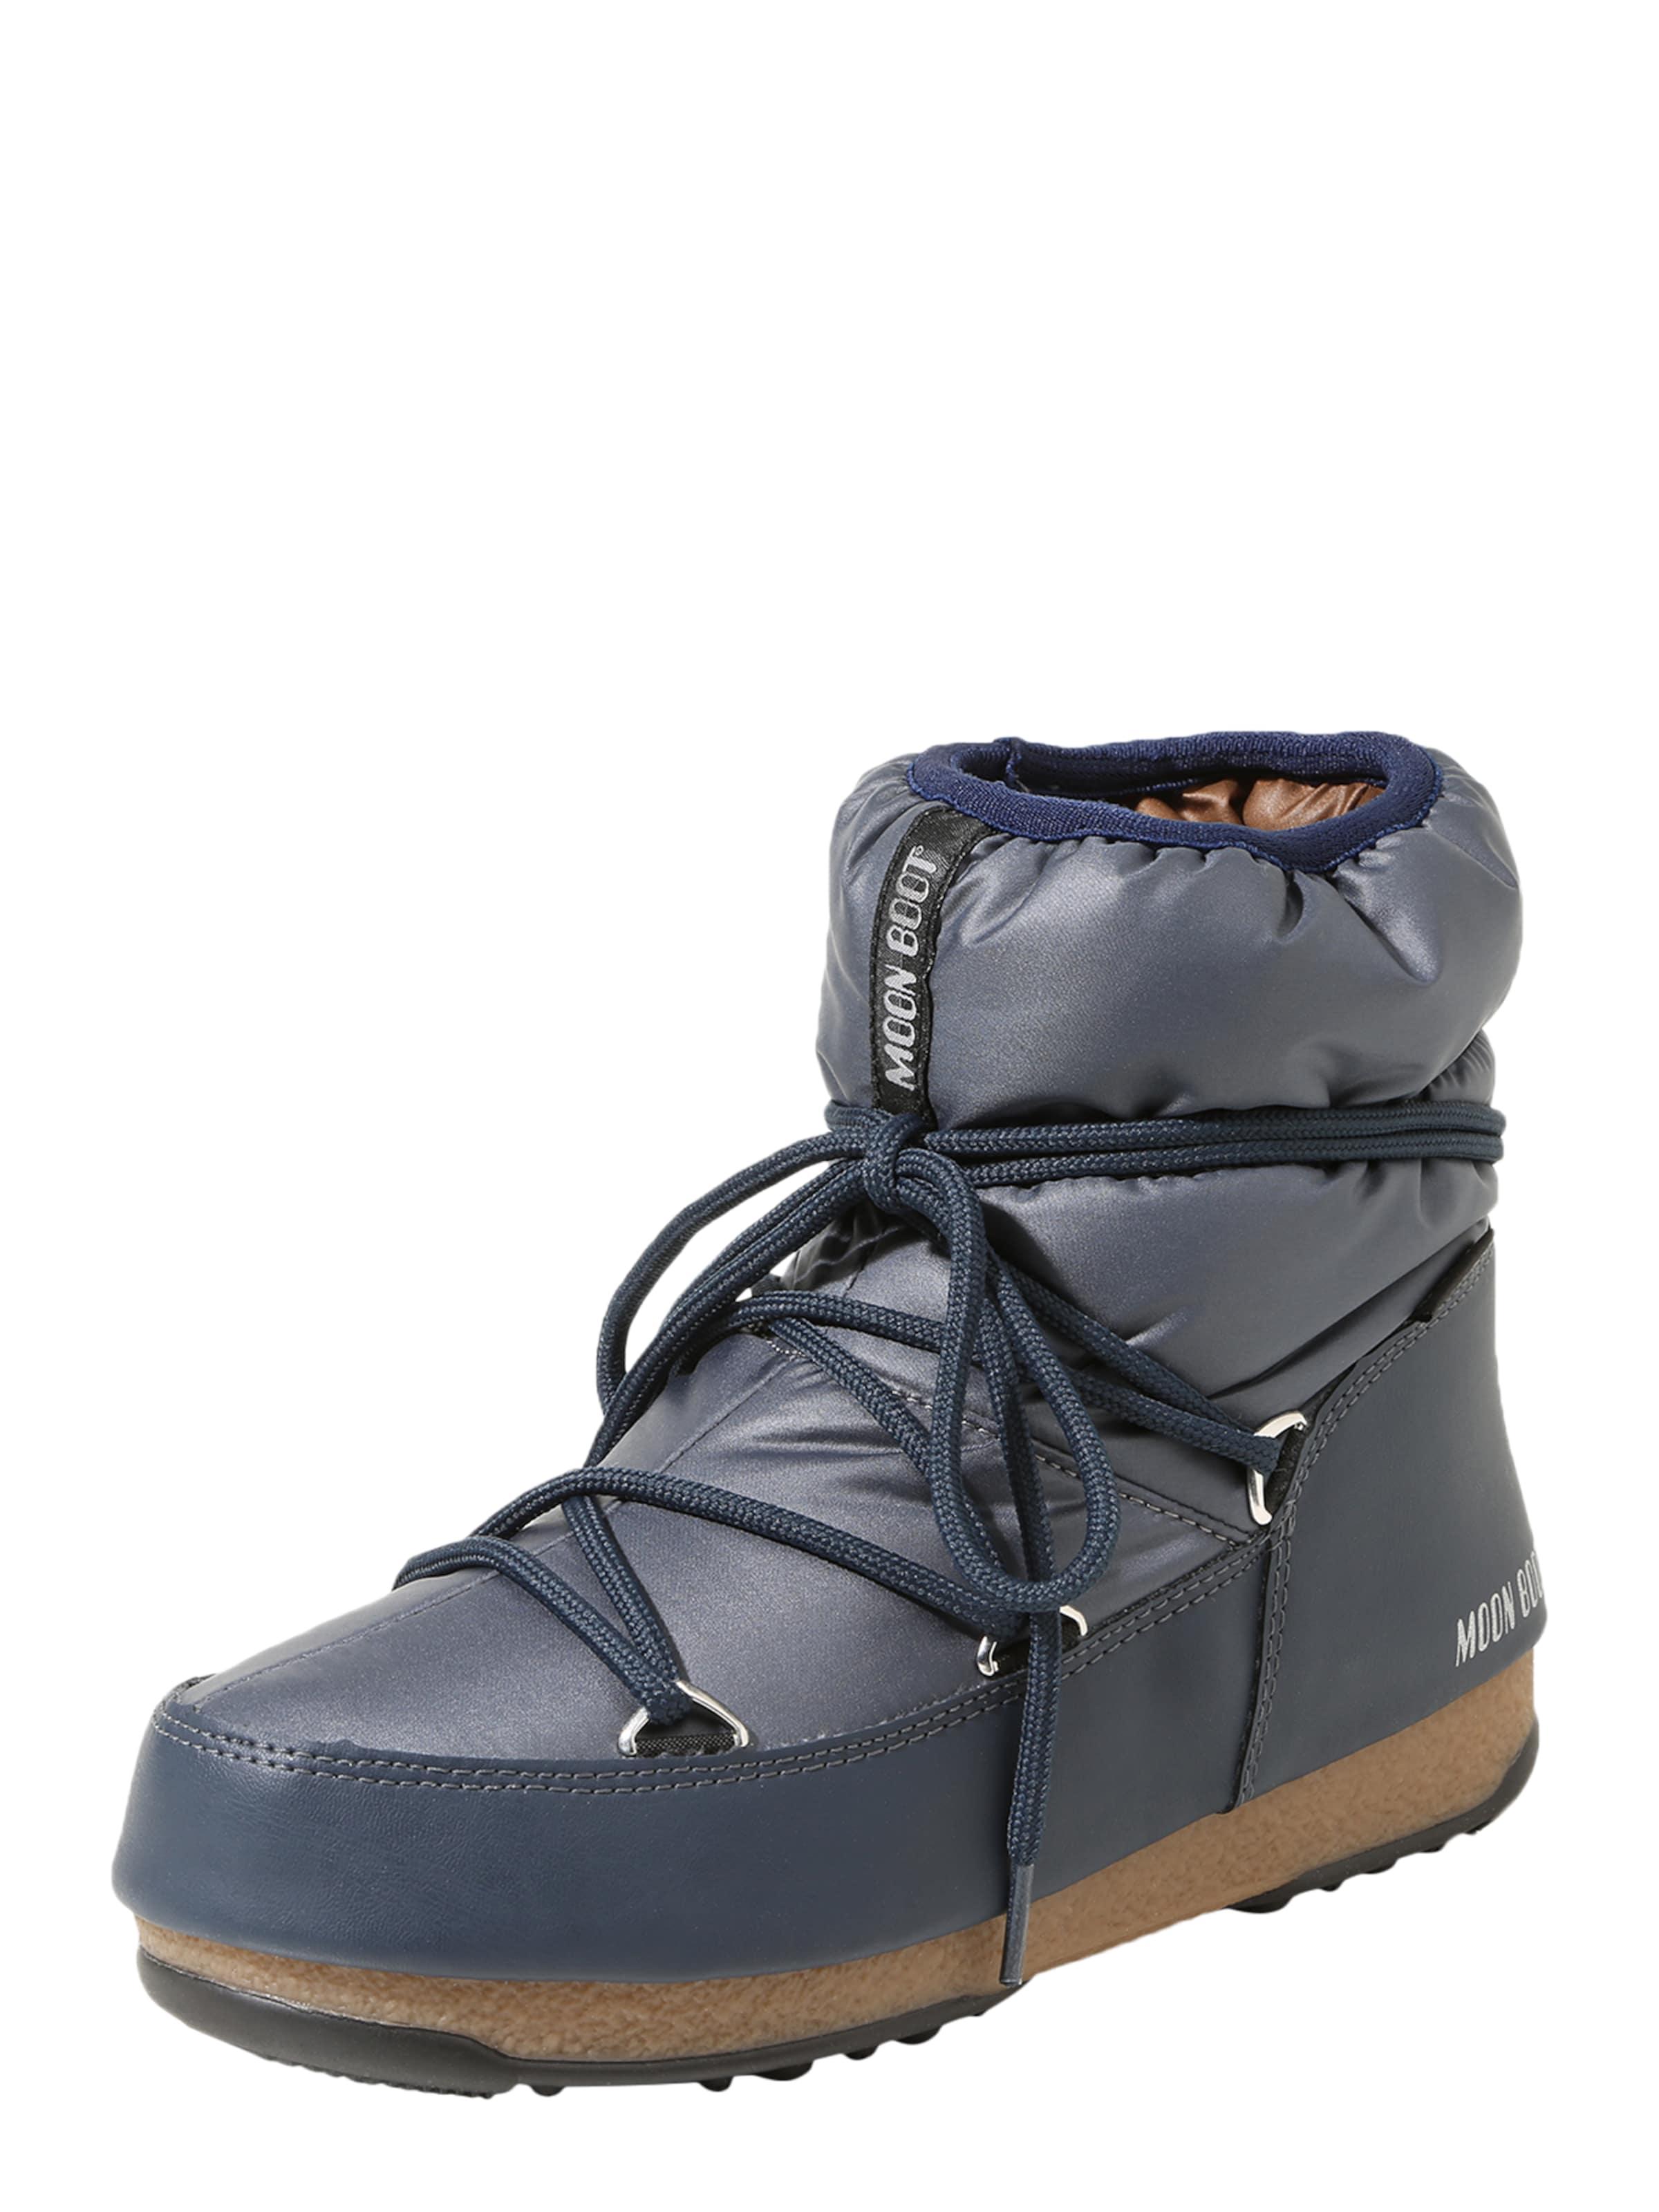 Haltbare Mode billige Schuhe MOON BOOT | Schuhe Snowboots Schuhe Gut getragene Schuhe | 86230c